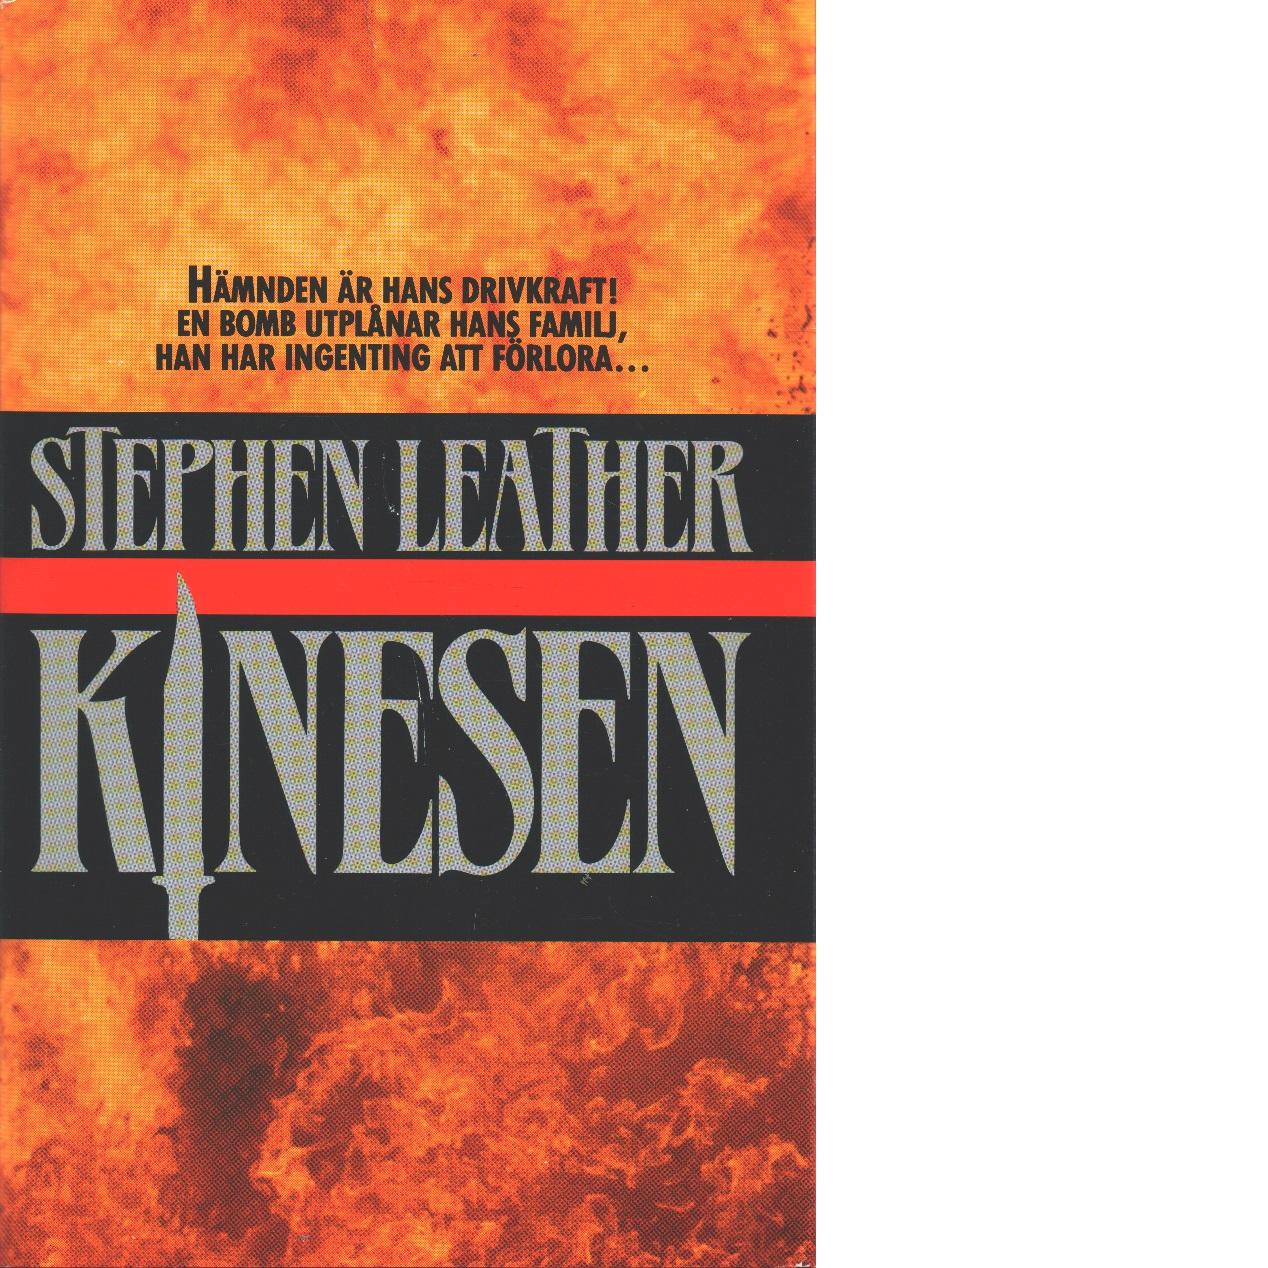 Kinesen - Leather, Stephen